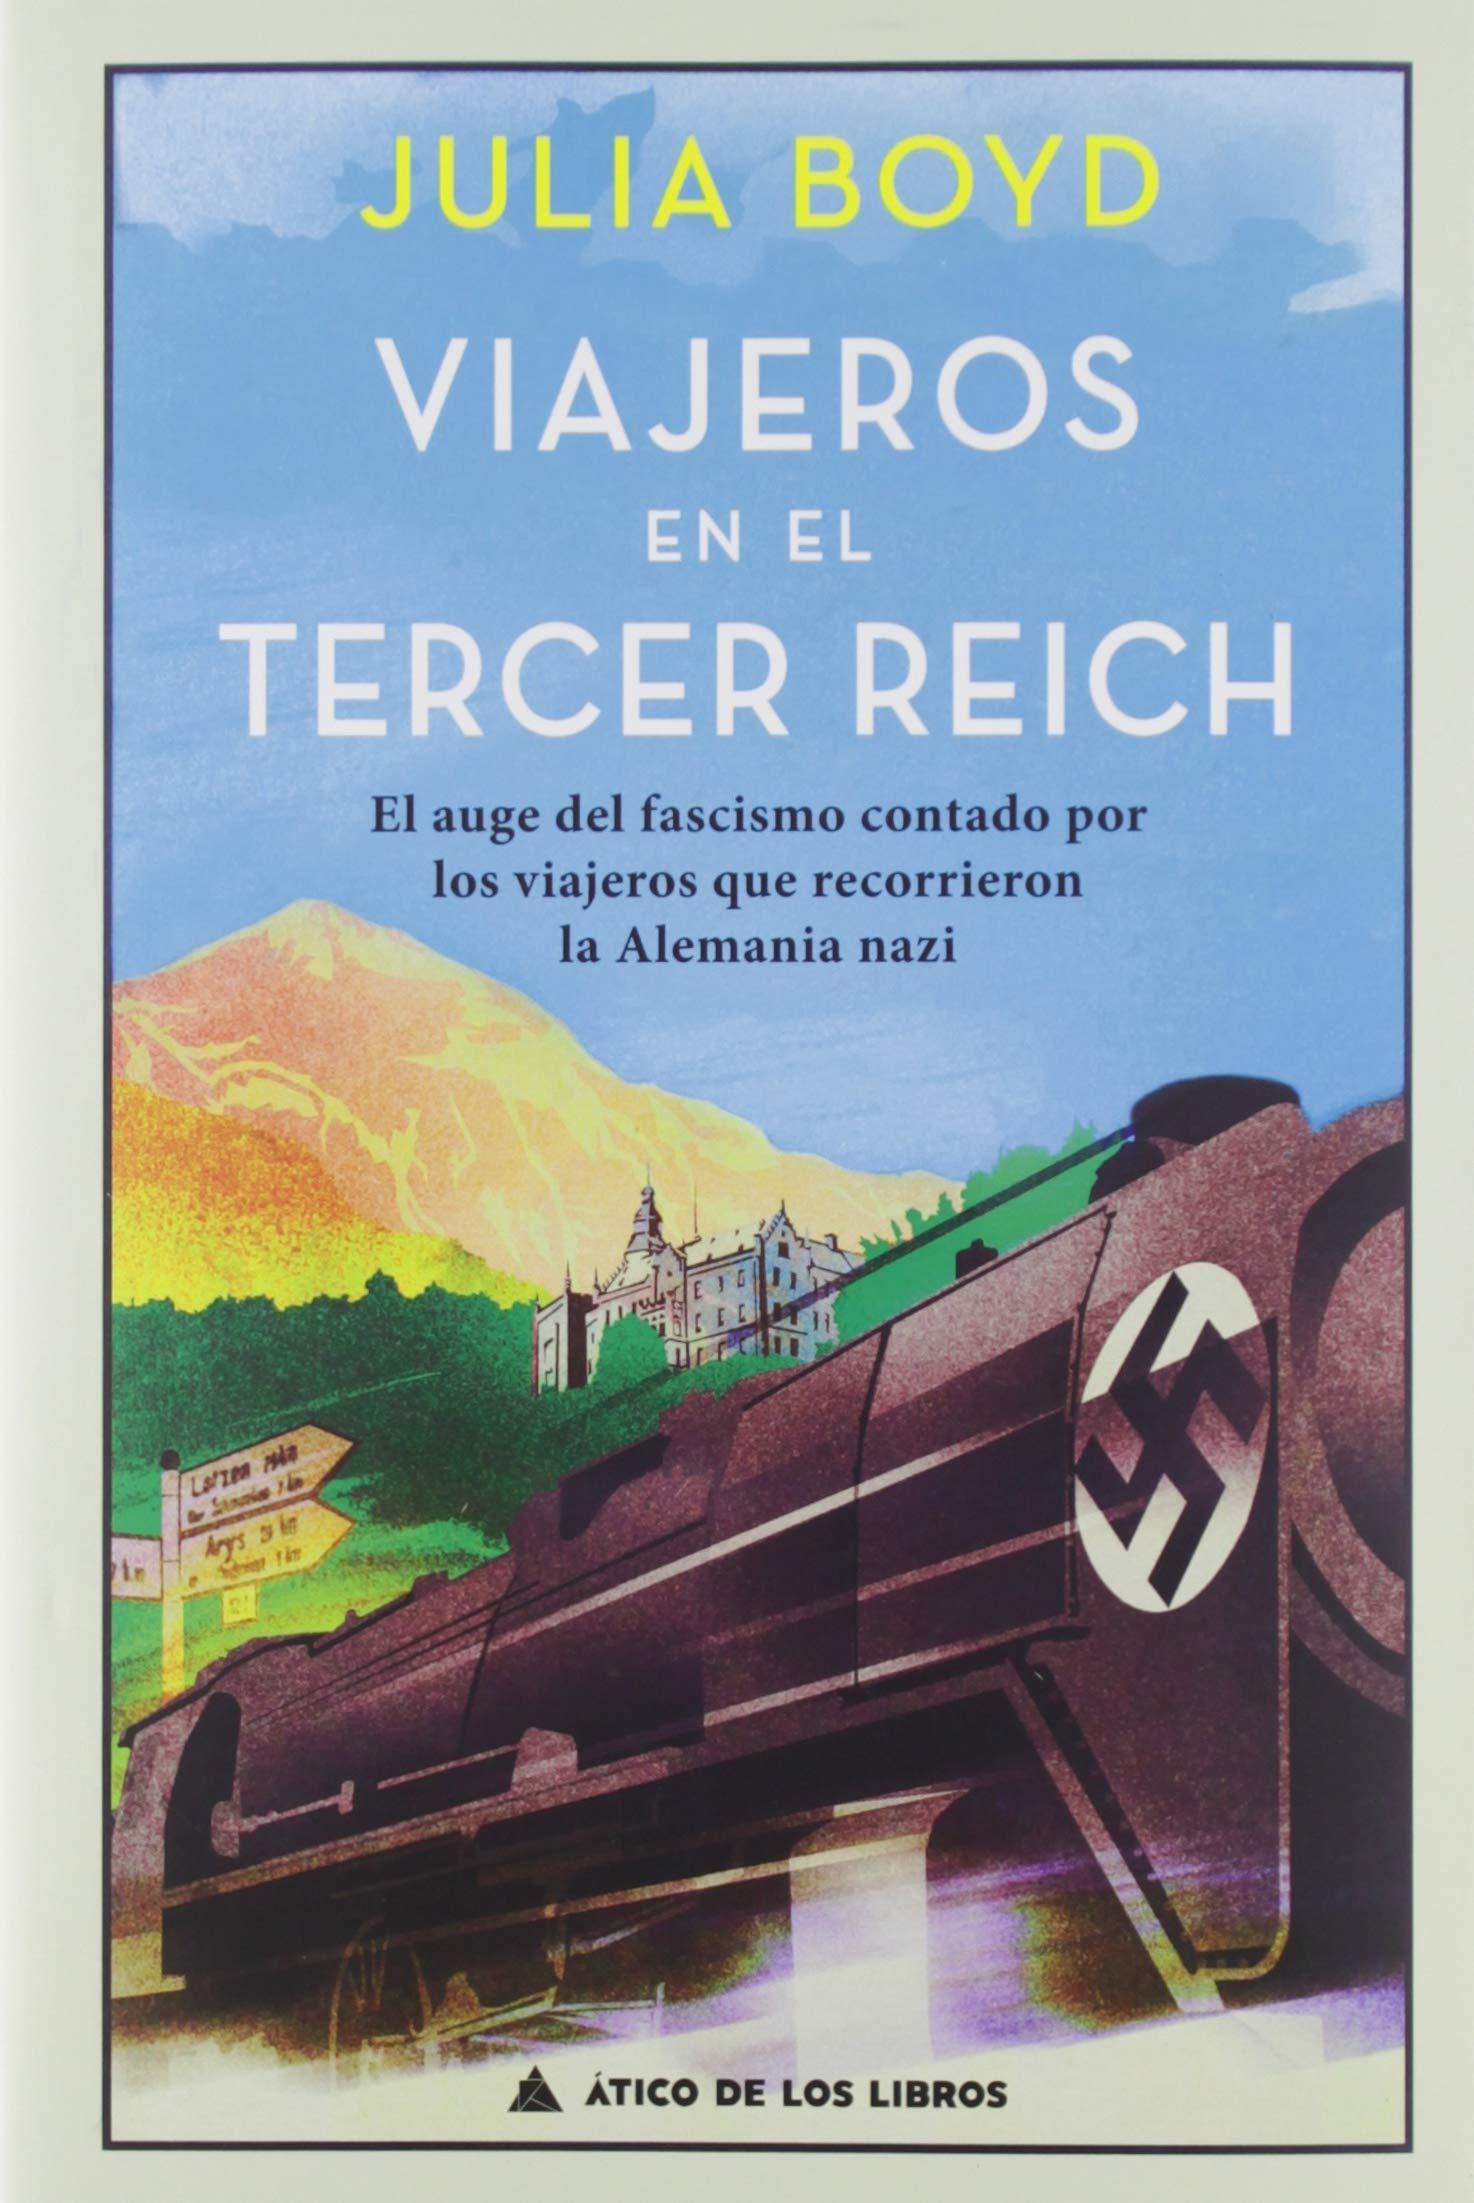 Viajeros en el Tercer Reich: El auge del fascismo contado por los viajeros que recorrieron la Alemania nazi